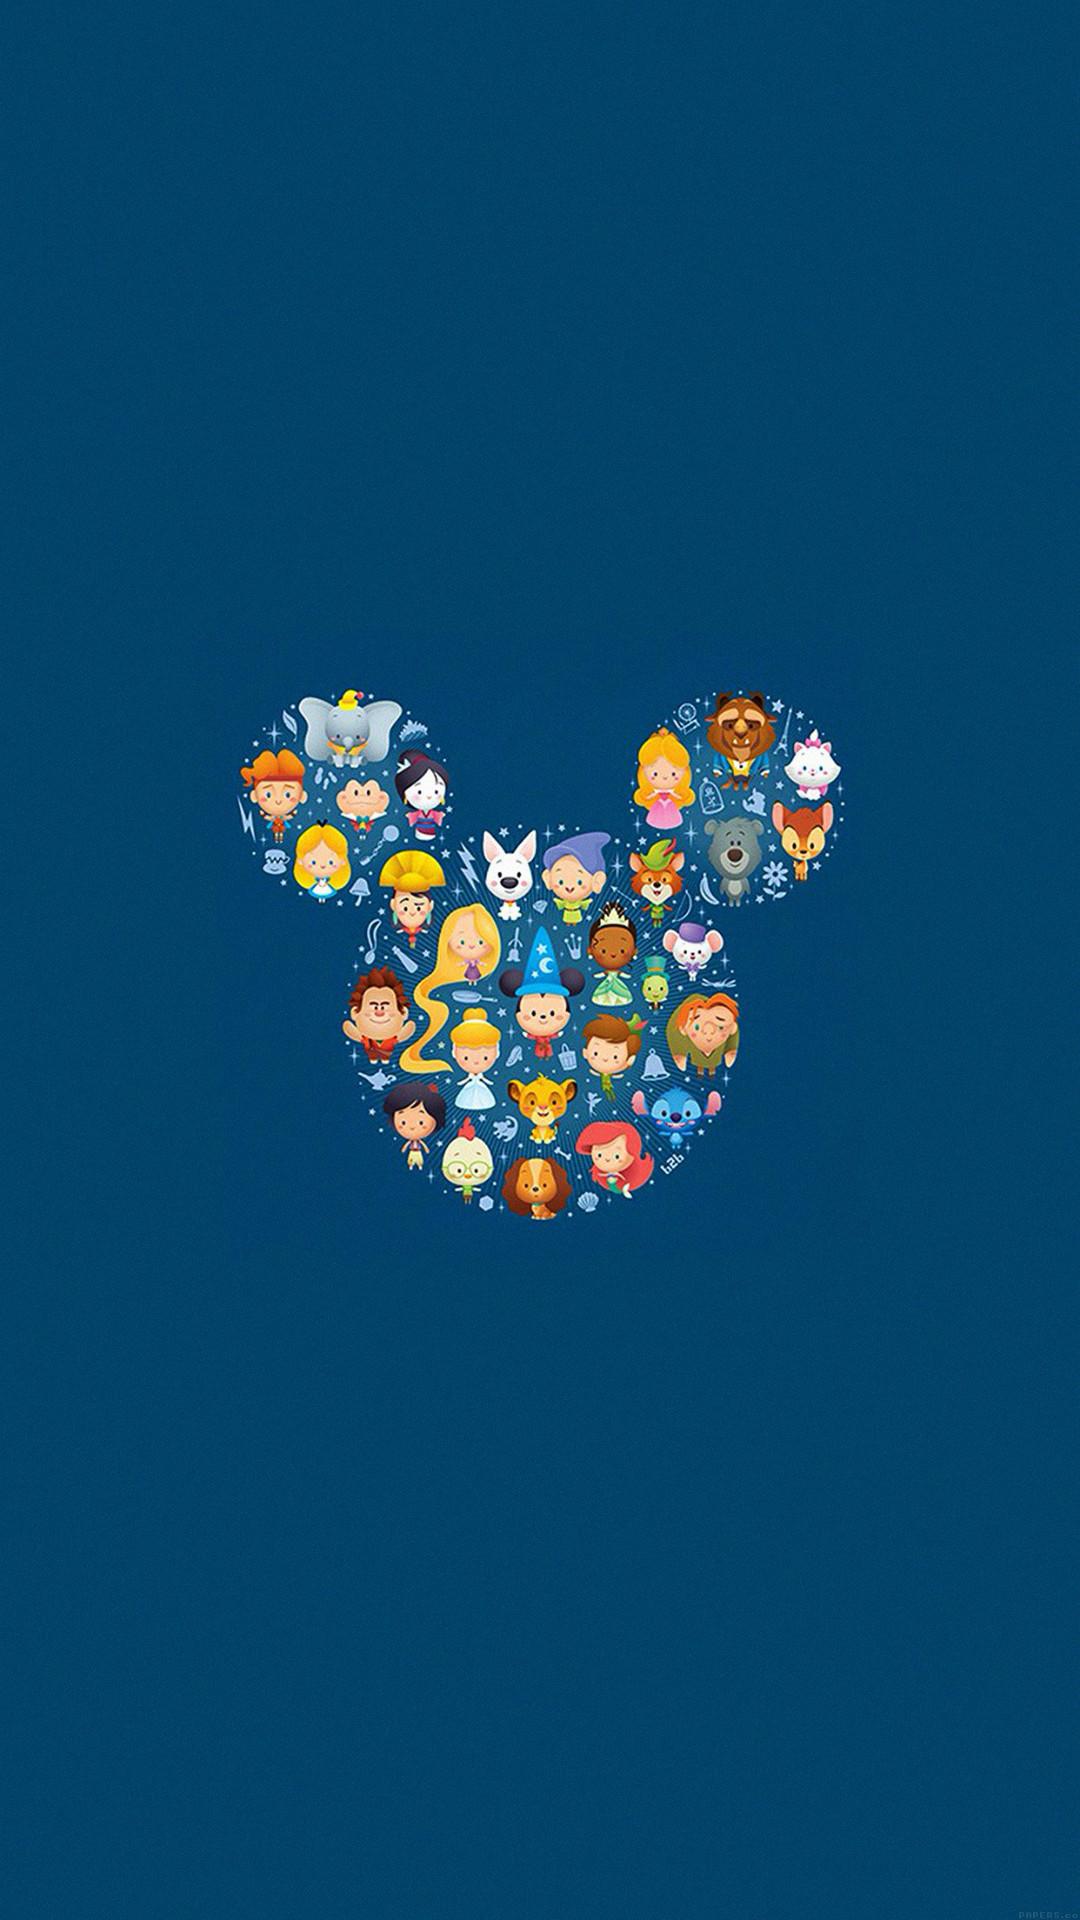 Sfondi Iphone Disney 85 Immagini